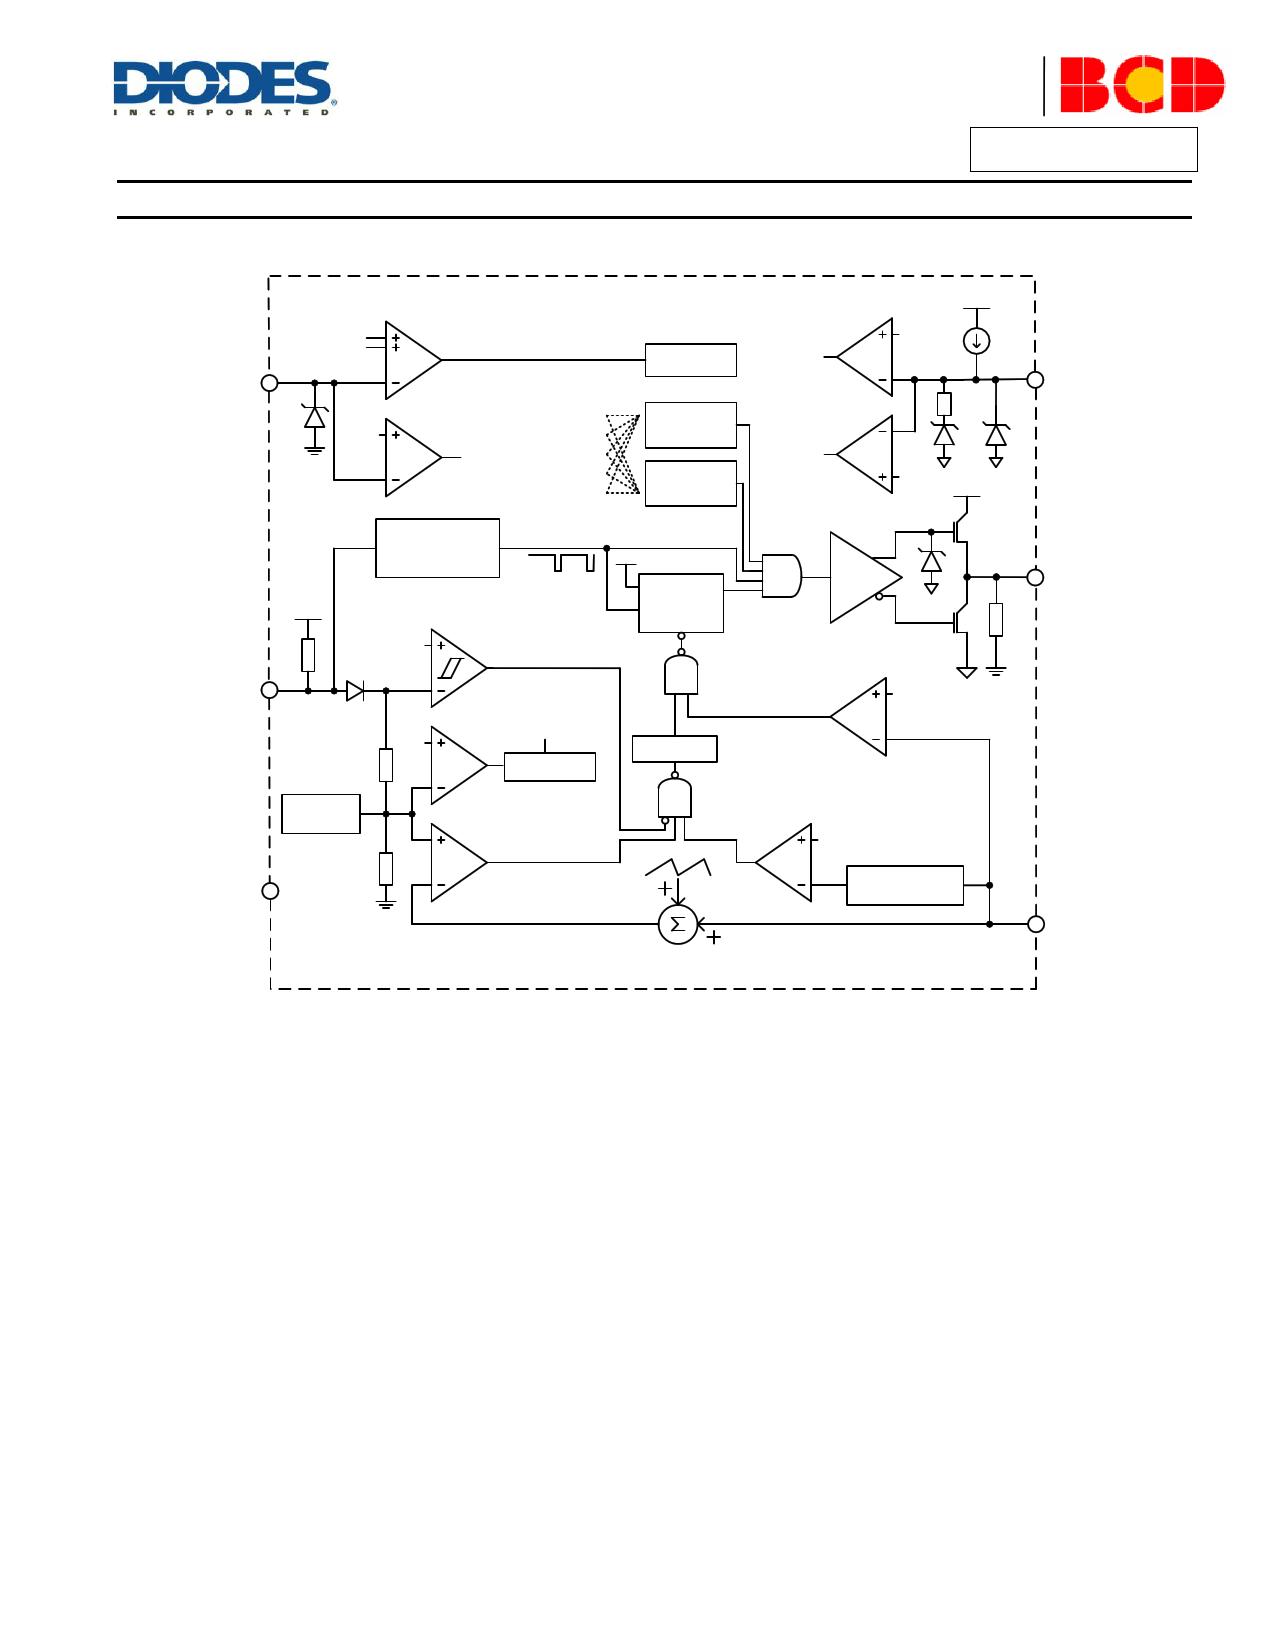 AP3105R pdf, 電子部品, 半導体, ピン配列